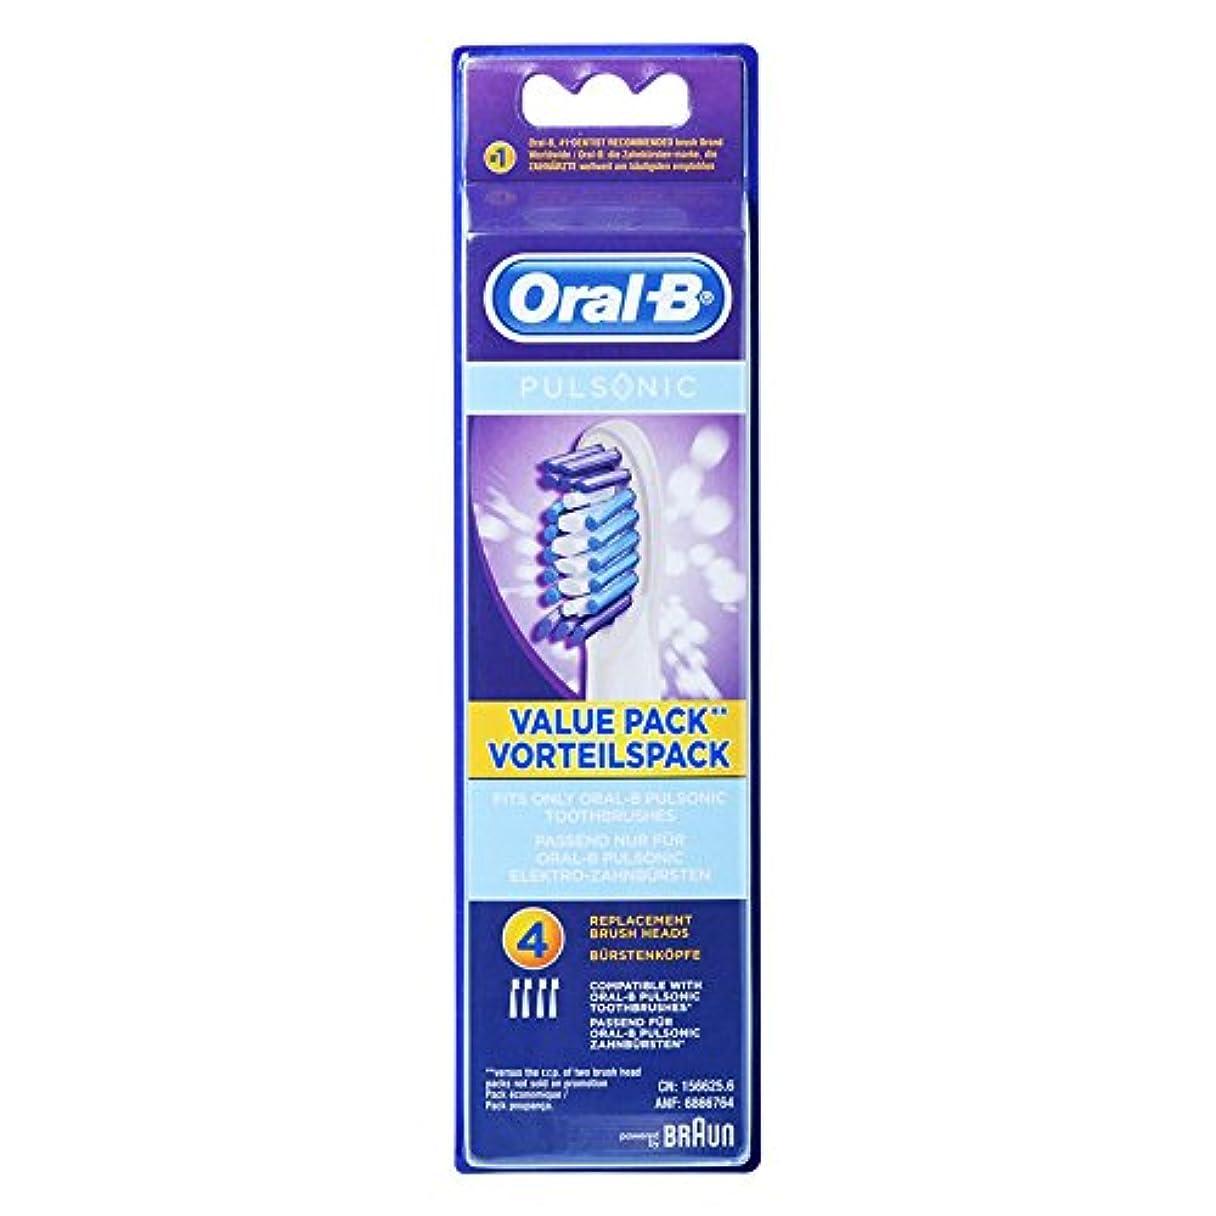 場所楽しませるアルファベットBraun Oral-B SR32-4 Pulsonic Value Pack 交換用ブラシヘッド 1Pack [並行輸入品]